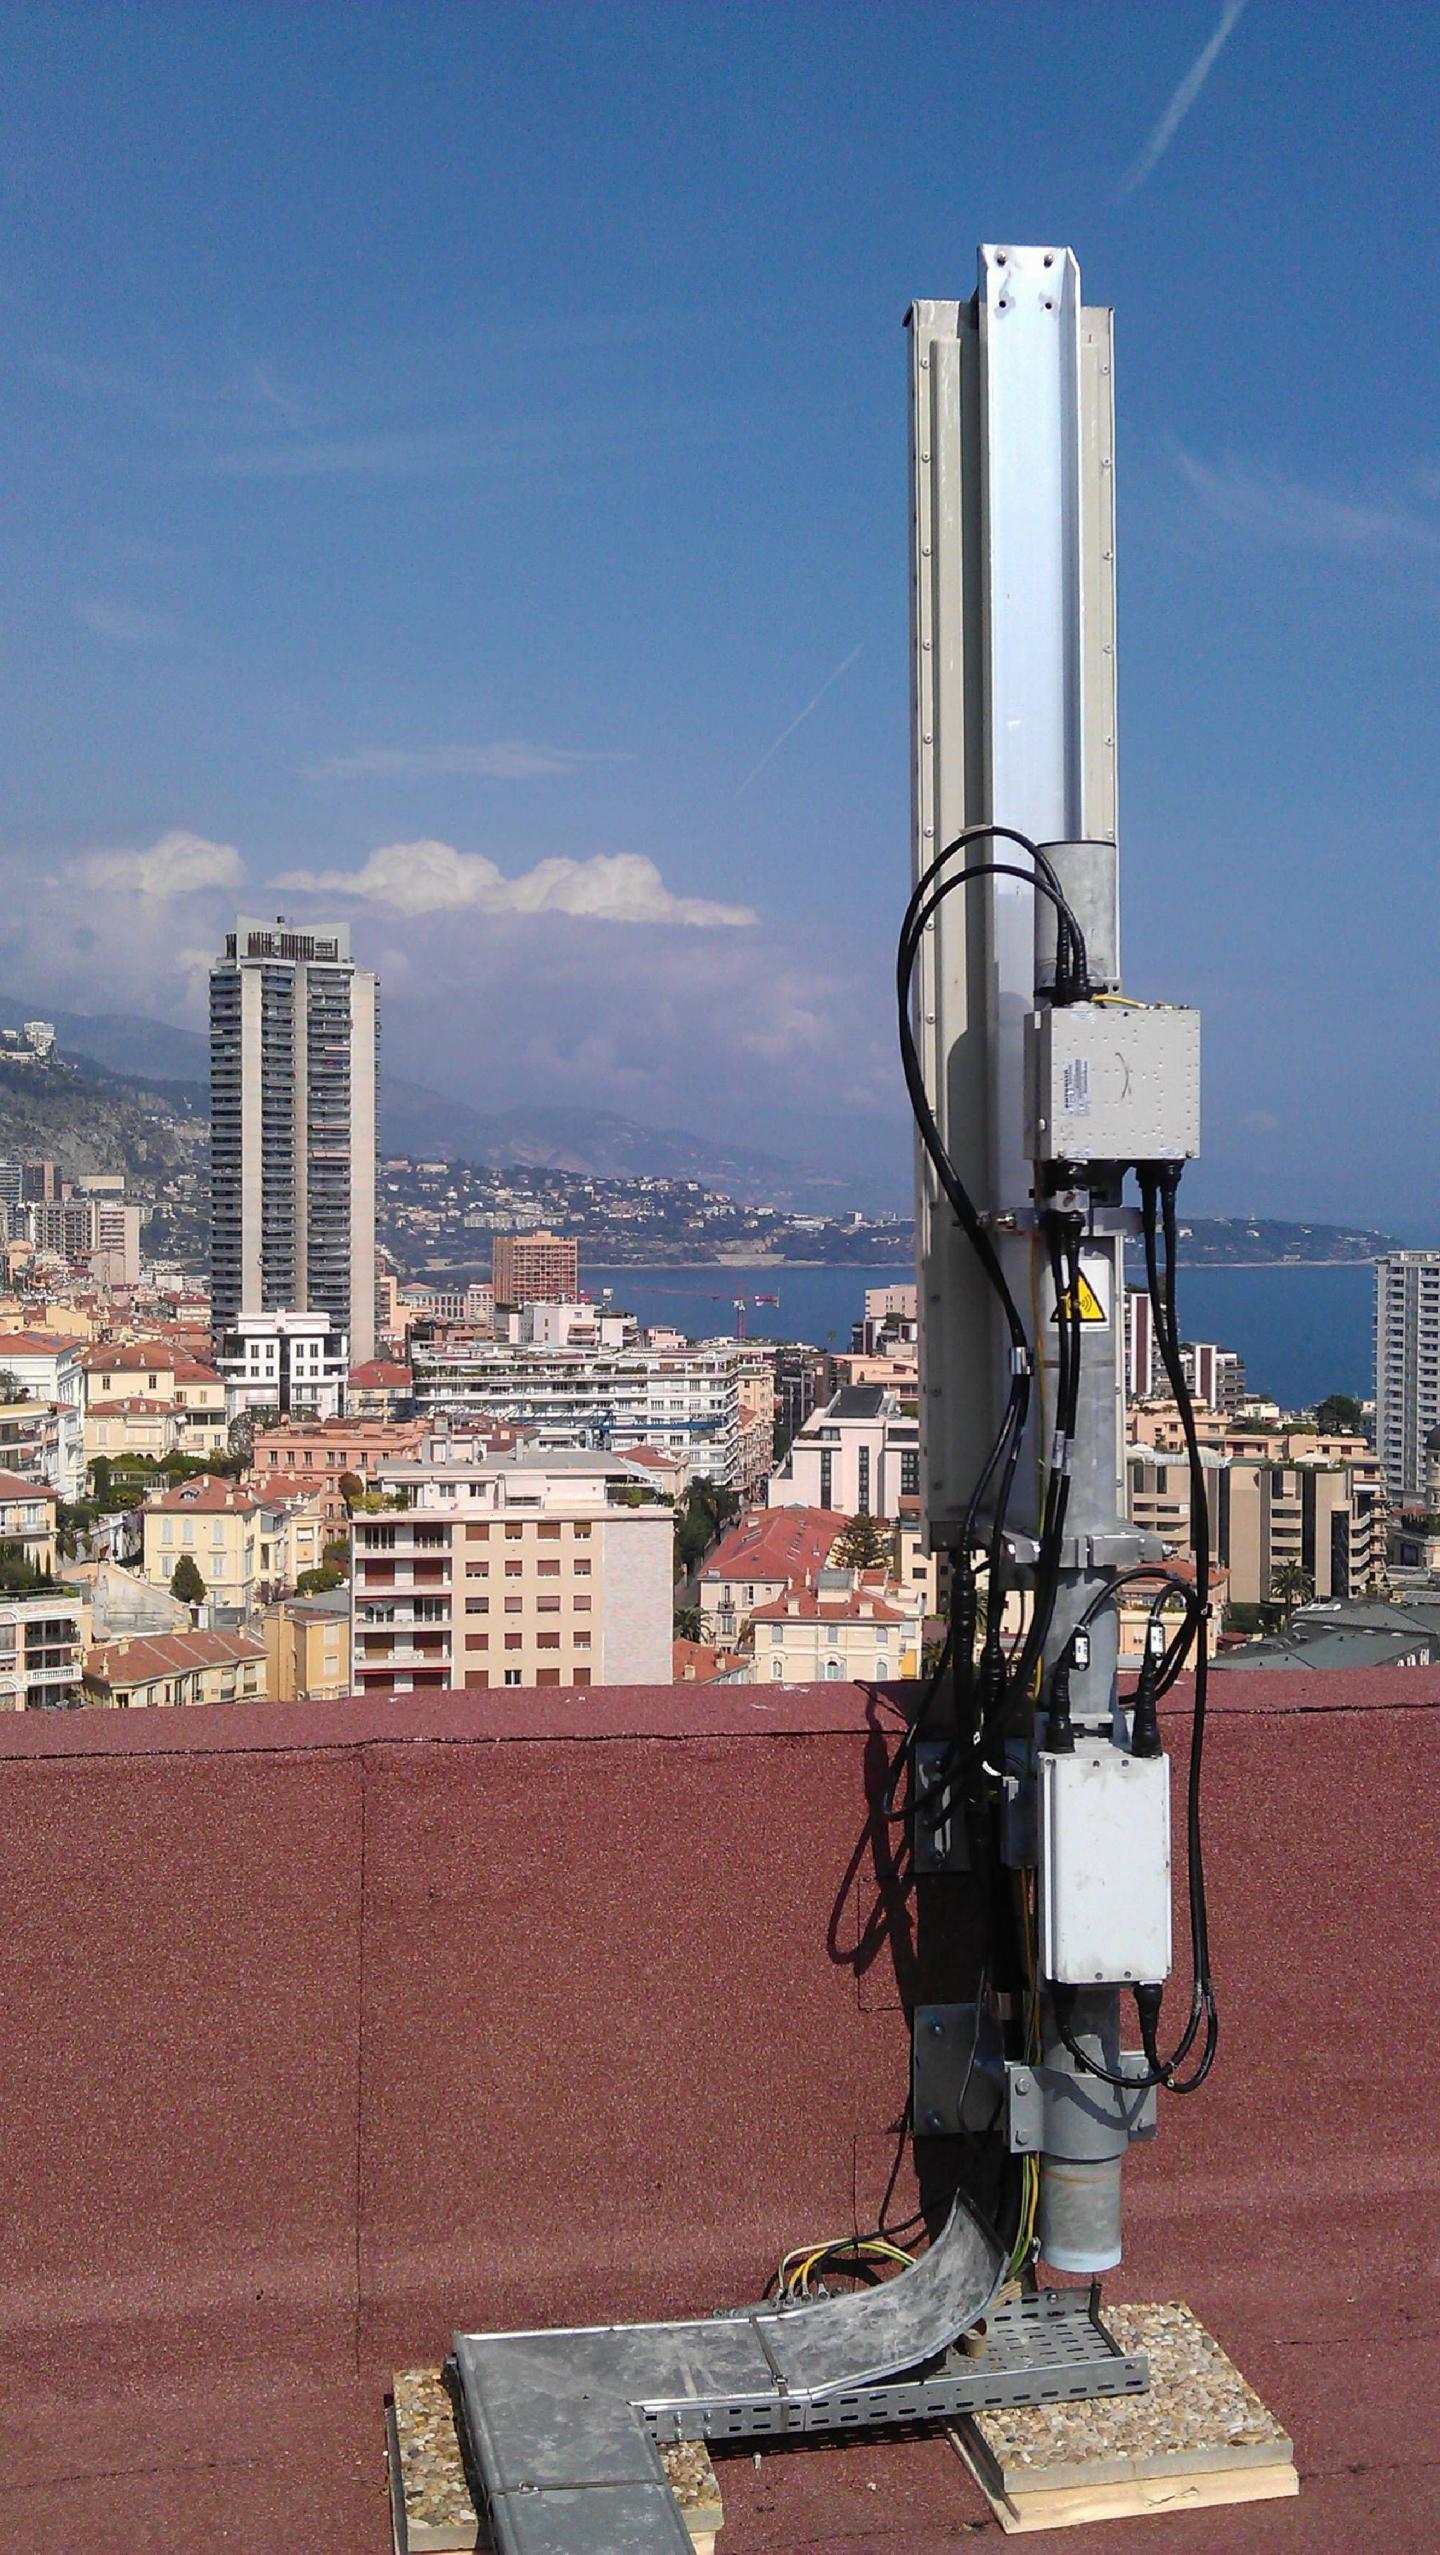 Grâce à ces antennes nouvelles générations qui ont remplacé les anciennes, la 4G pourra arroser toute la Principauté.(DR)